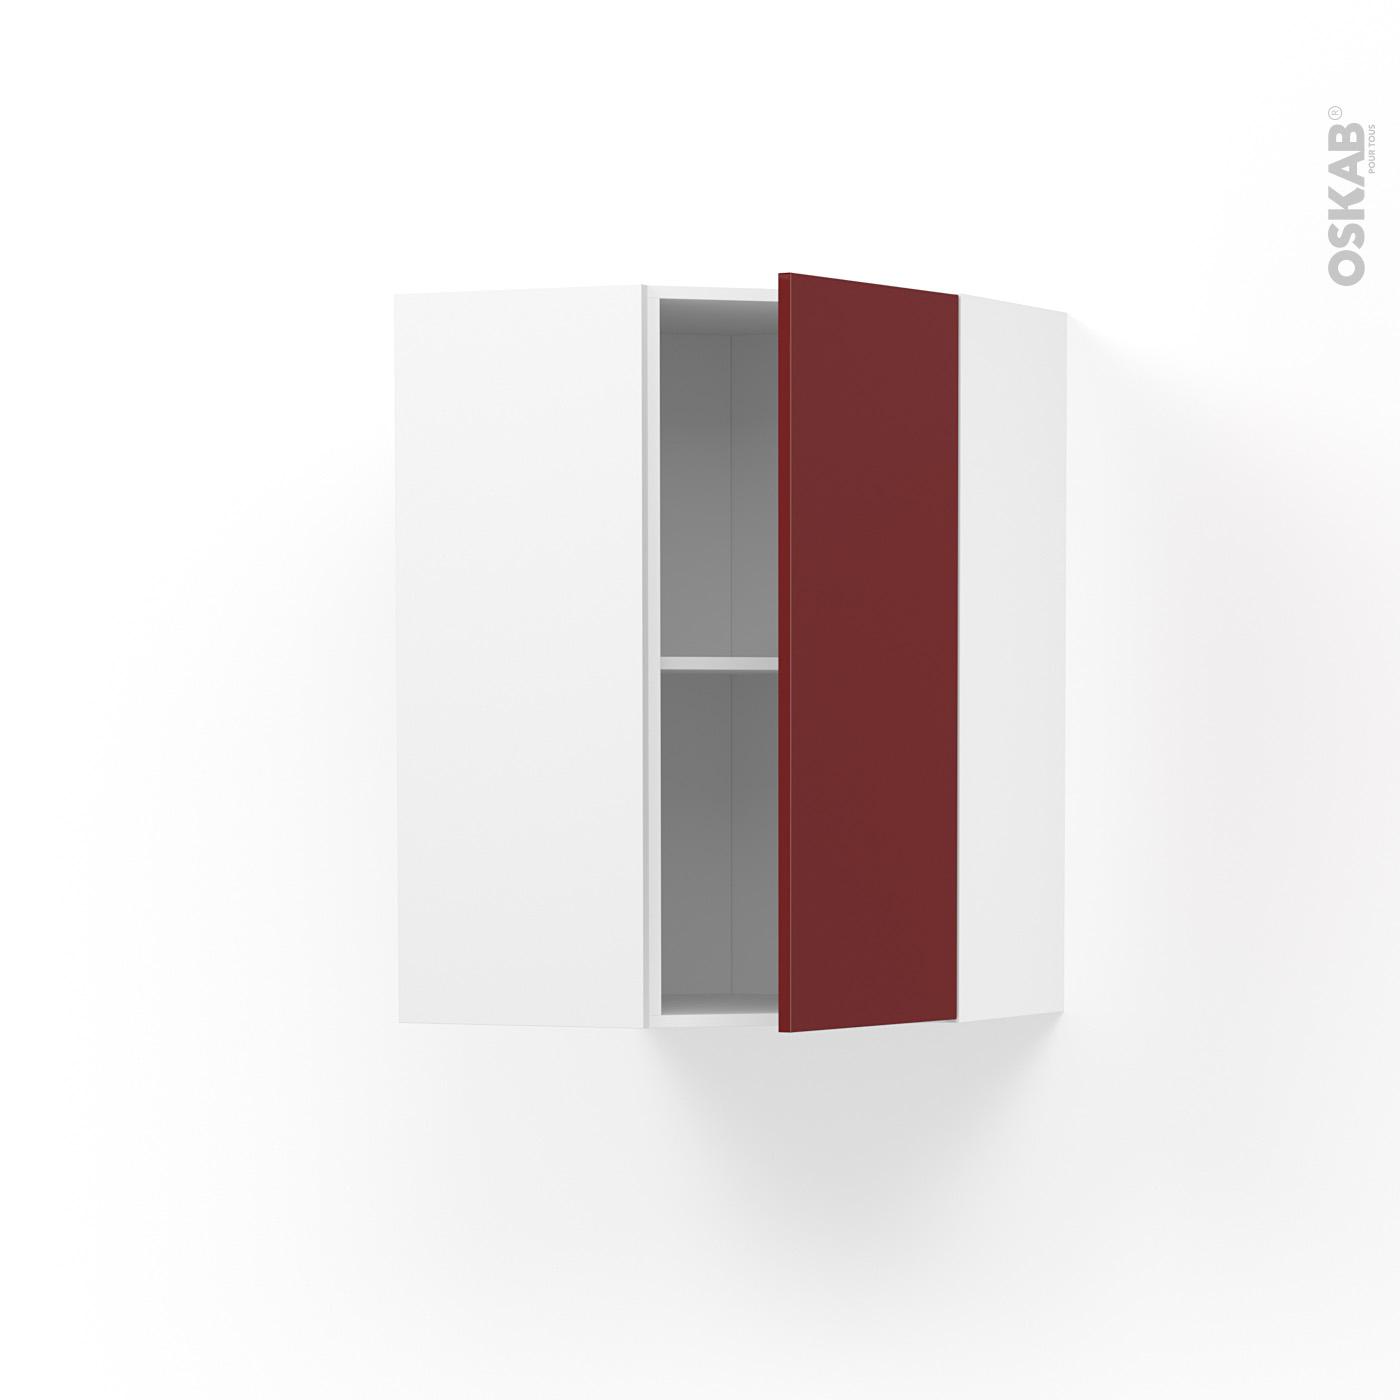 Meuble de cuisine Angle haut IVIA Rouge, 10 porte N°10 L10 cm, L10 x H10 x  P10 cm